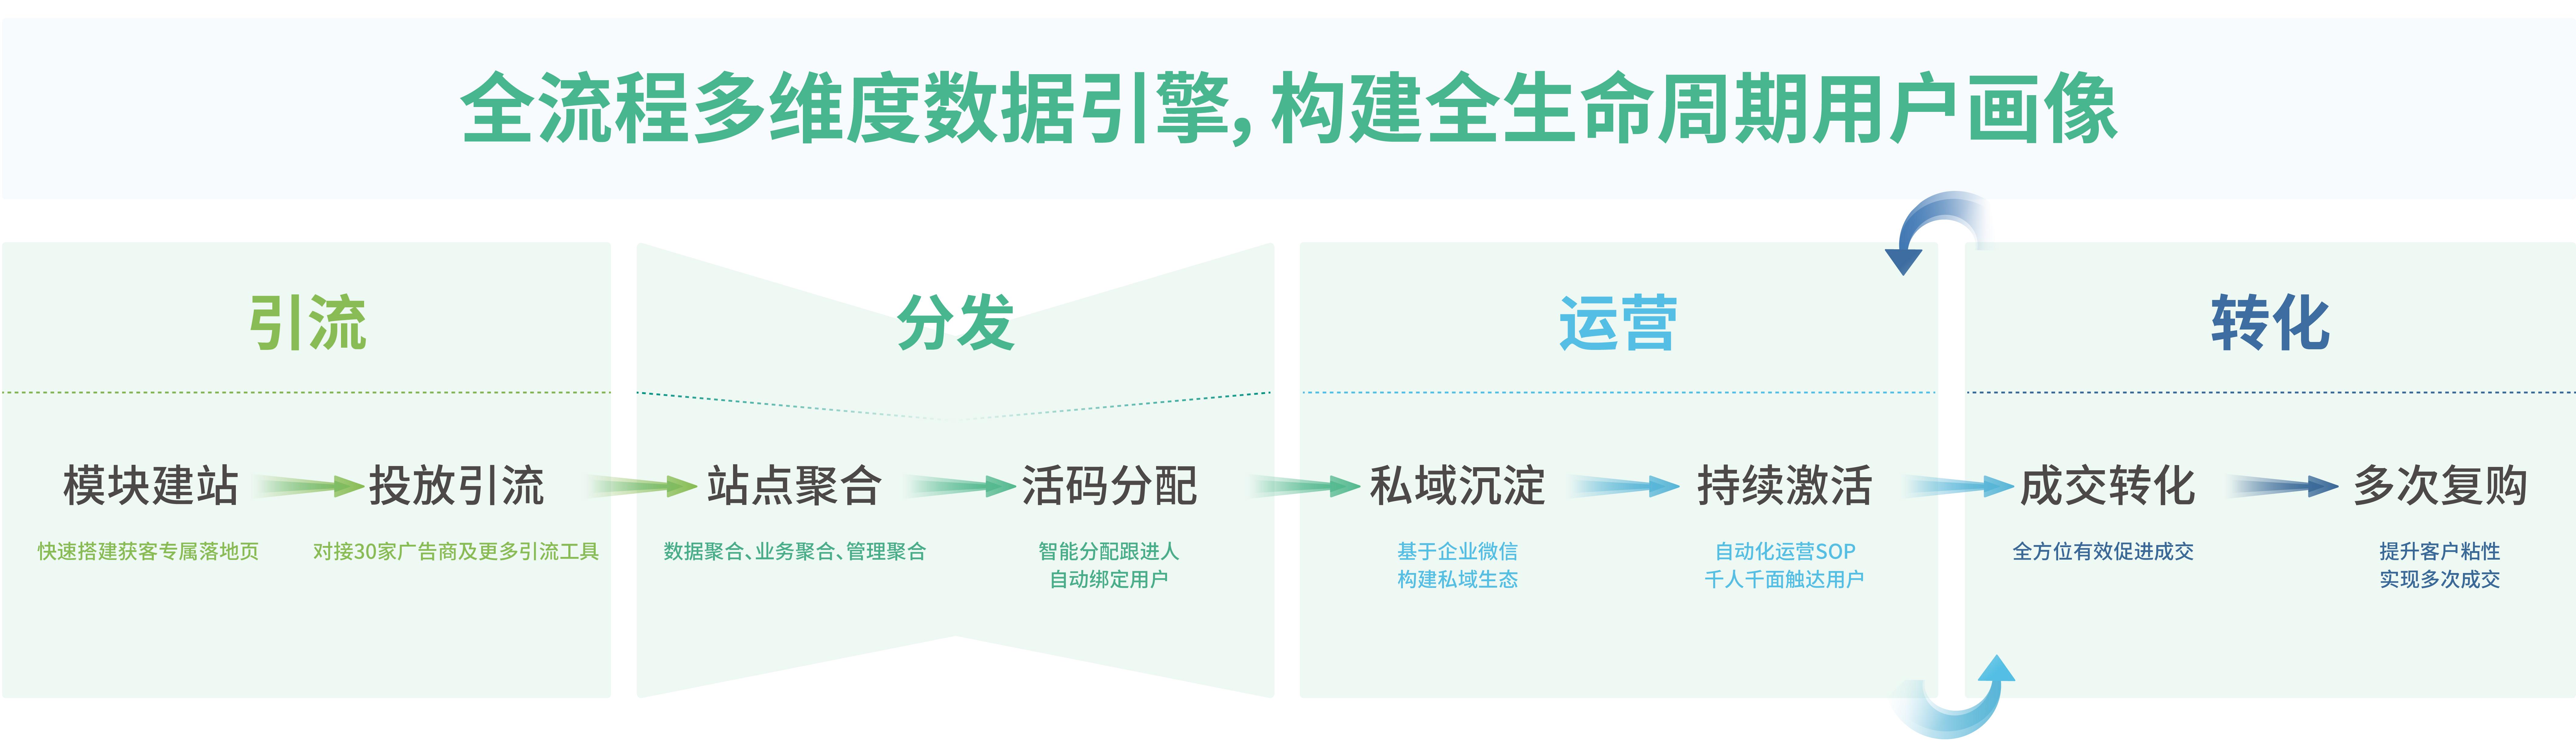 私域营销催化持续增长 螳螂SCRM重磅上线